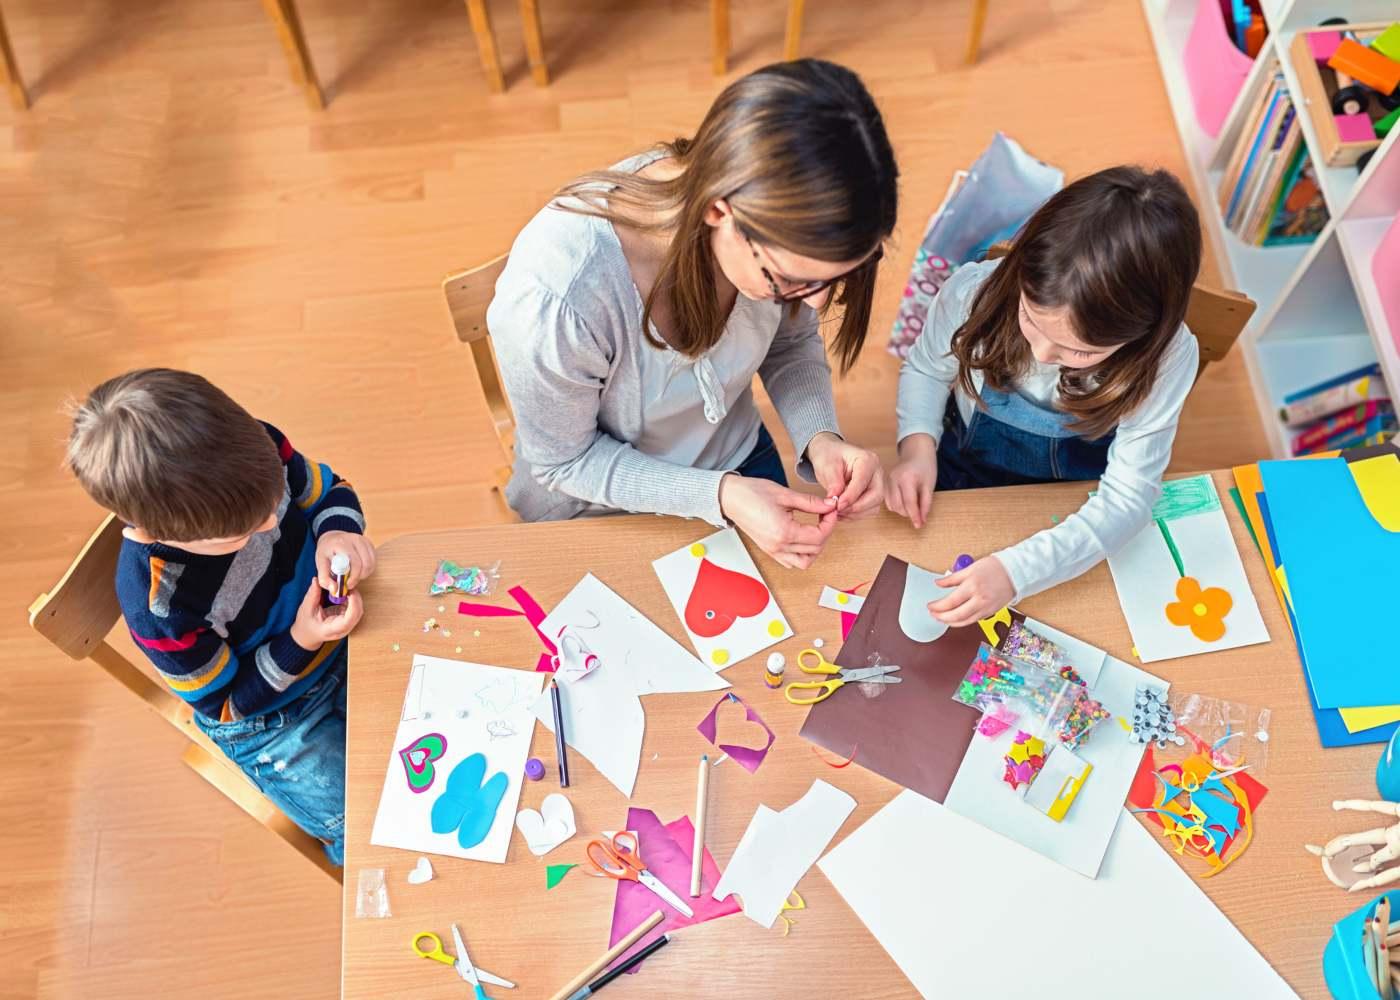 mulher a fazer trabalhos manuais com crianças